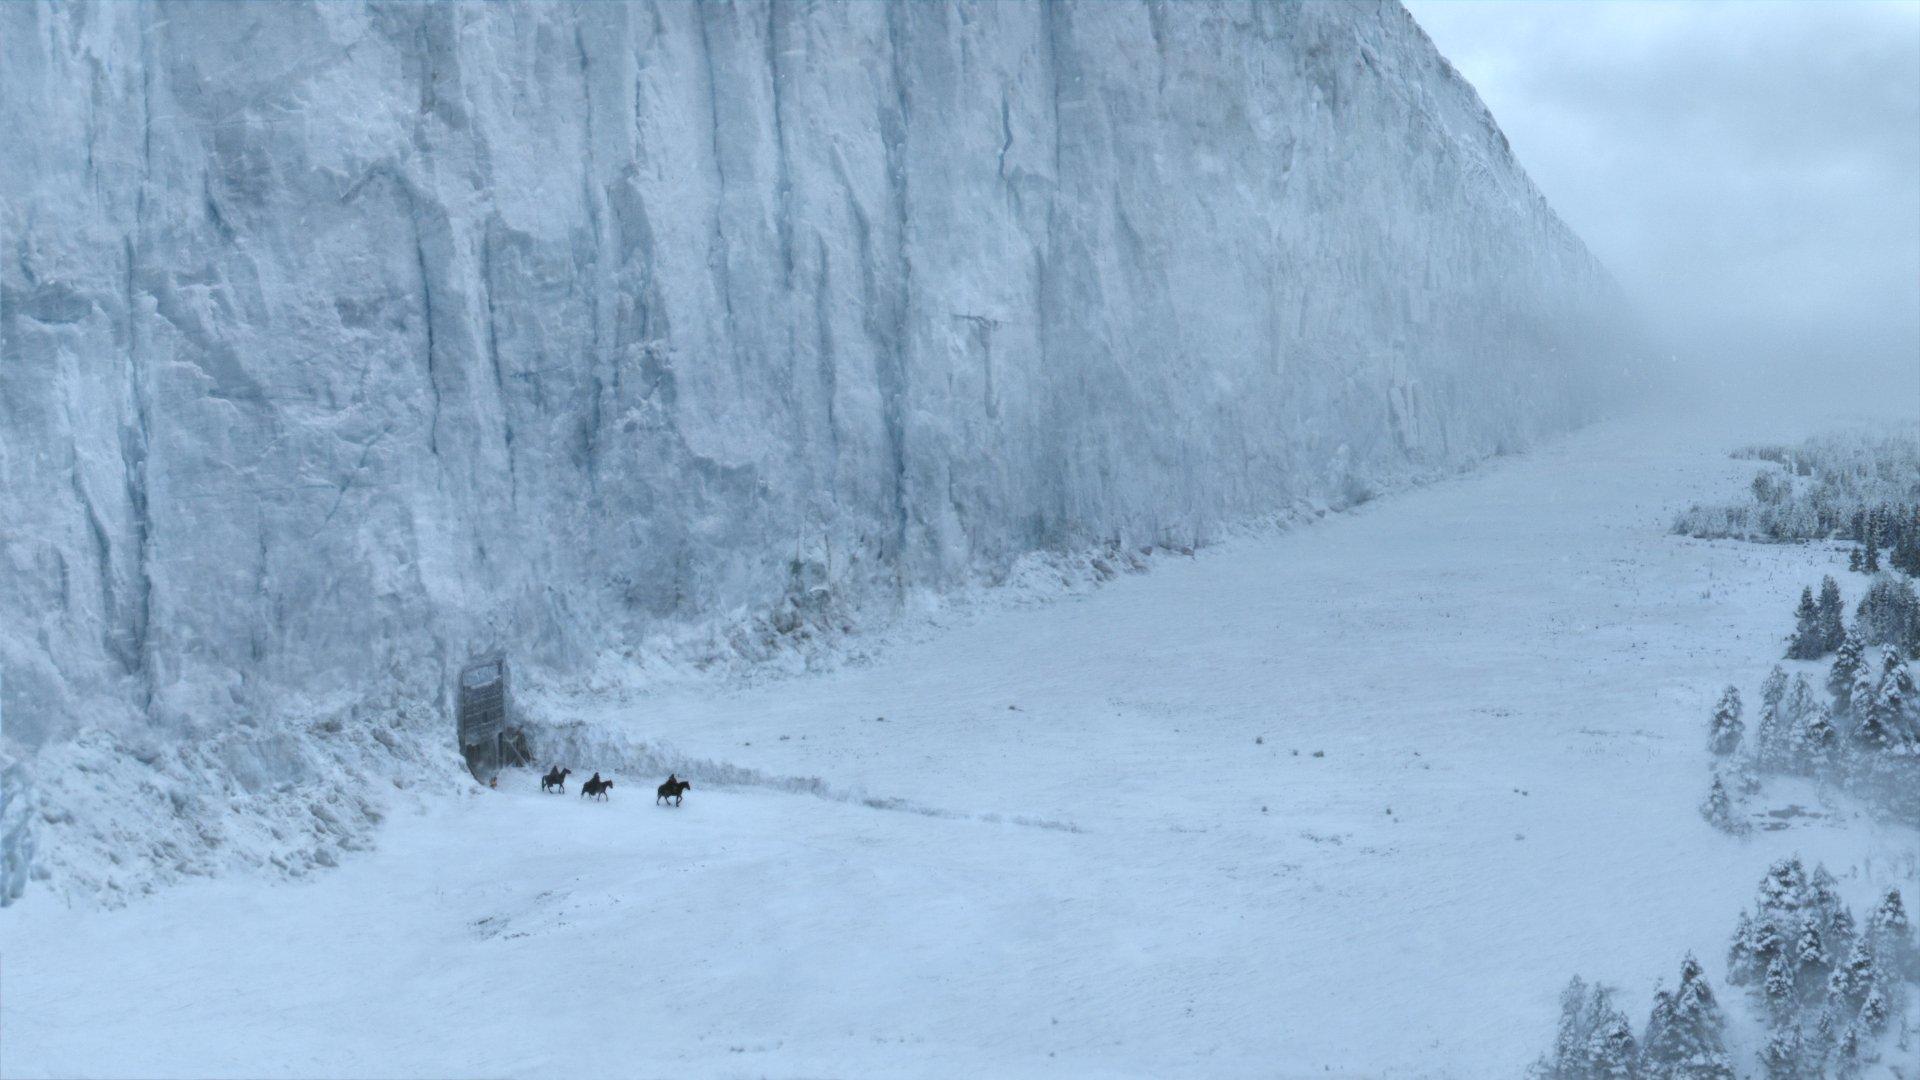 Трейлер седьмого сезона сериала «Игра престолов» побил рекорд просмотров